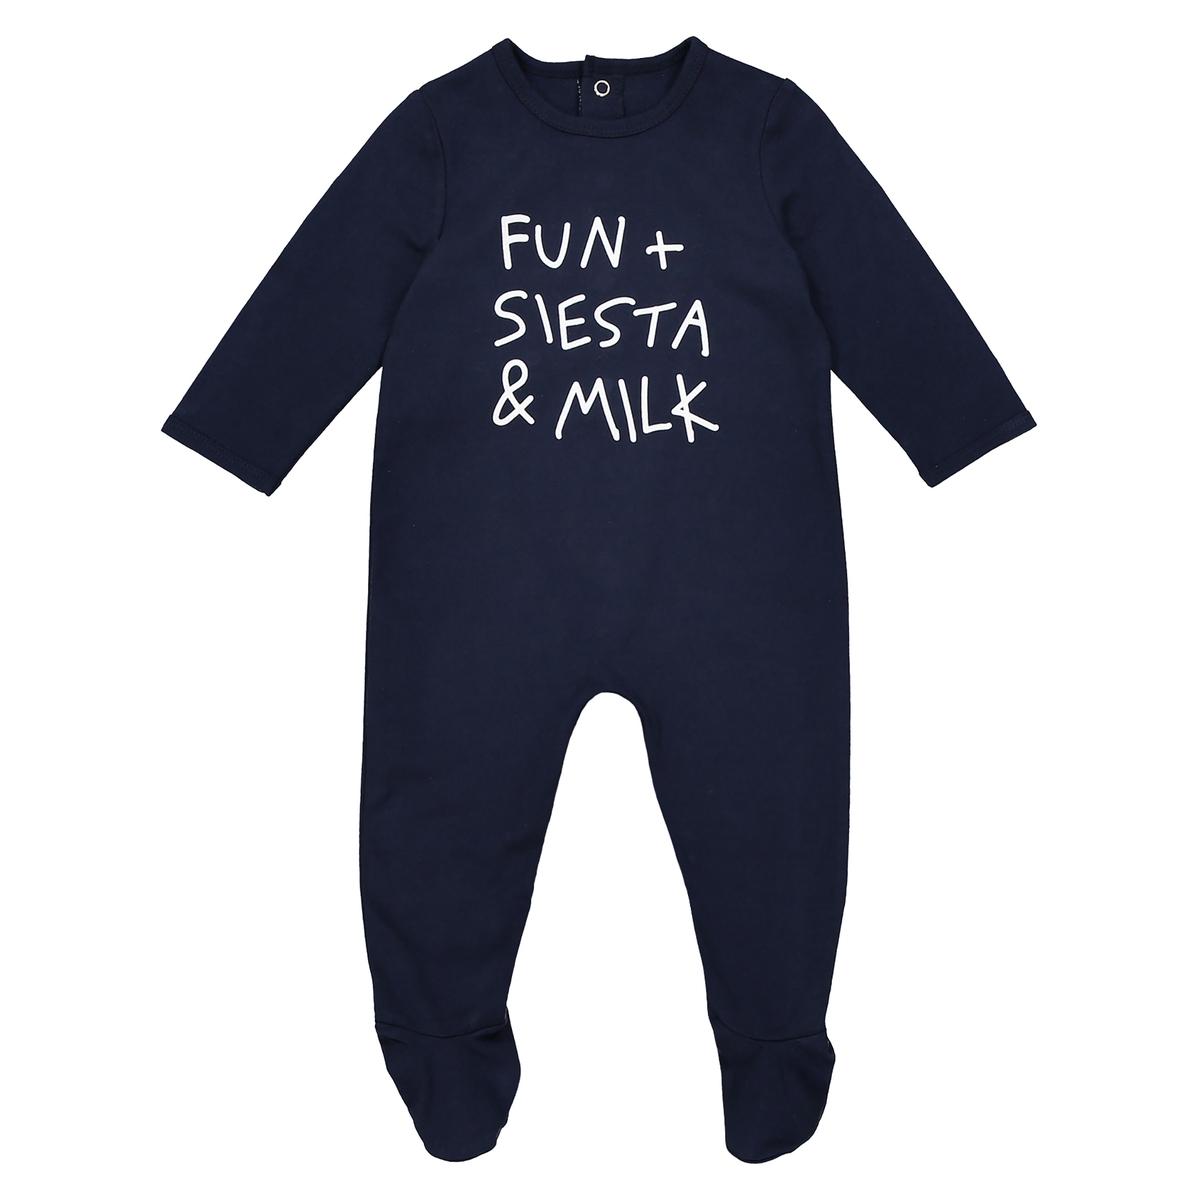 Пижама с застежкой на кнопки, 0 мес. - 3 года, знак Oeko TexОписание:Пижама с длинными рукавами и надписью FUN + SIESTA + MILK :  замечательная пижама для новорожденных.Детали •  Пижама с длинными рукавами и штанинами. •  Принт спереди : FUN + FIESTA + MILK. •  Носки с противоскользящими элементами для размеров от 12 месяцев  (74 см).  •  Застежка на кнопки сзади. •  Круглый вырез.Состав и уход •  Материал : 100% хлопок. •  Машинная стирка при 30° на умеренном режиме с изделиями схожих цветов. •  Стирать, сушить и гладить с изнаночной стороны. •  Машинная сушка на умеренном режиме. •  Гладить при низкой температуре.Товарный знак Oeko-Tex® . Знак Oeko-Tex® гарантирует, что товары прошли проверку и были изготовлены без применения вредных для здоровья человека веществ.<br><br>Цвет: синий морской<br>Размер: 3 мес. - 60 см.3 года - 94 см.9 мес. - 71 см.6 мес. - 67 см.1 мес. - 54 см.2 года - 86 см.18 мес. - 81 см.1 год - 74 см